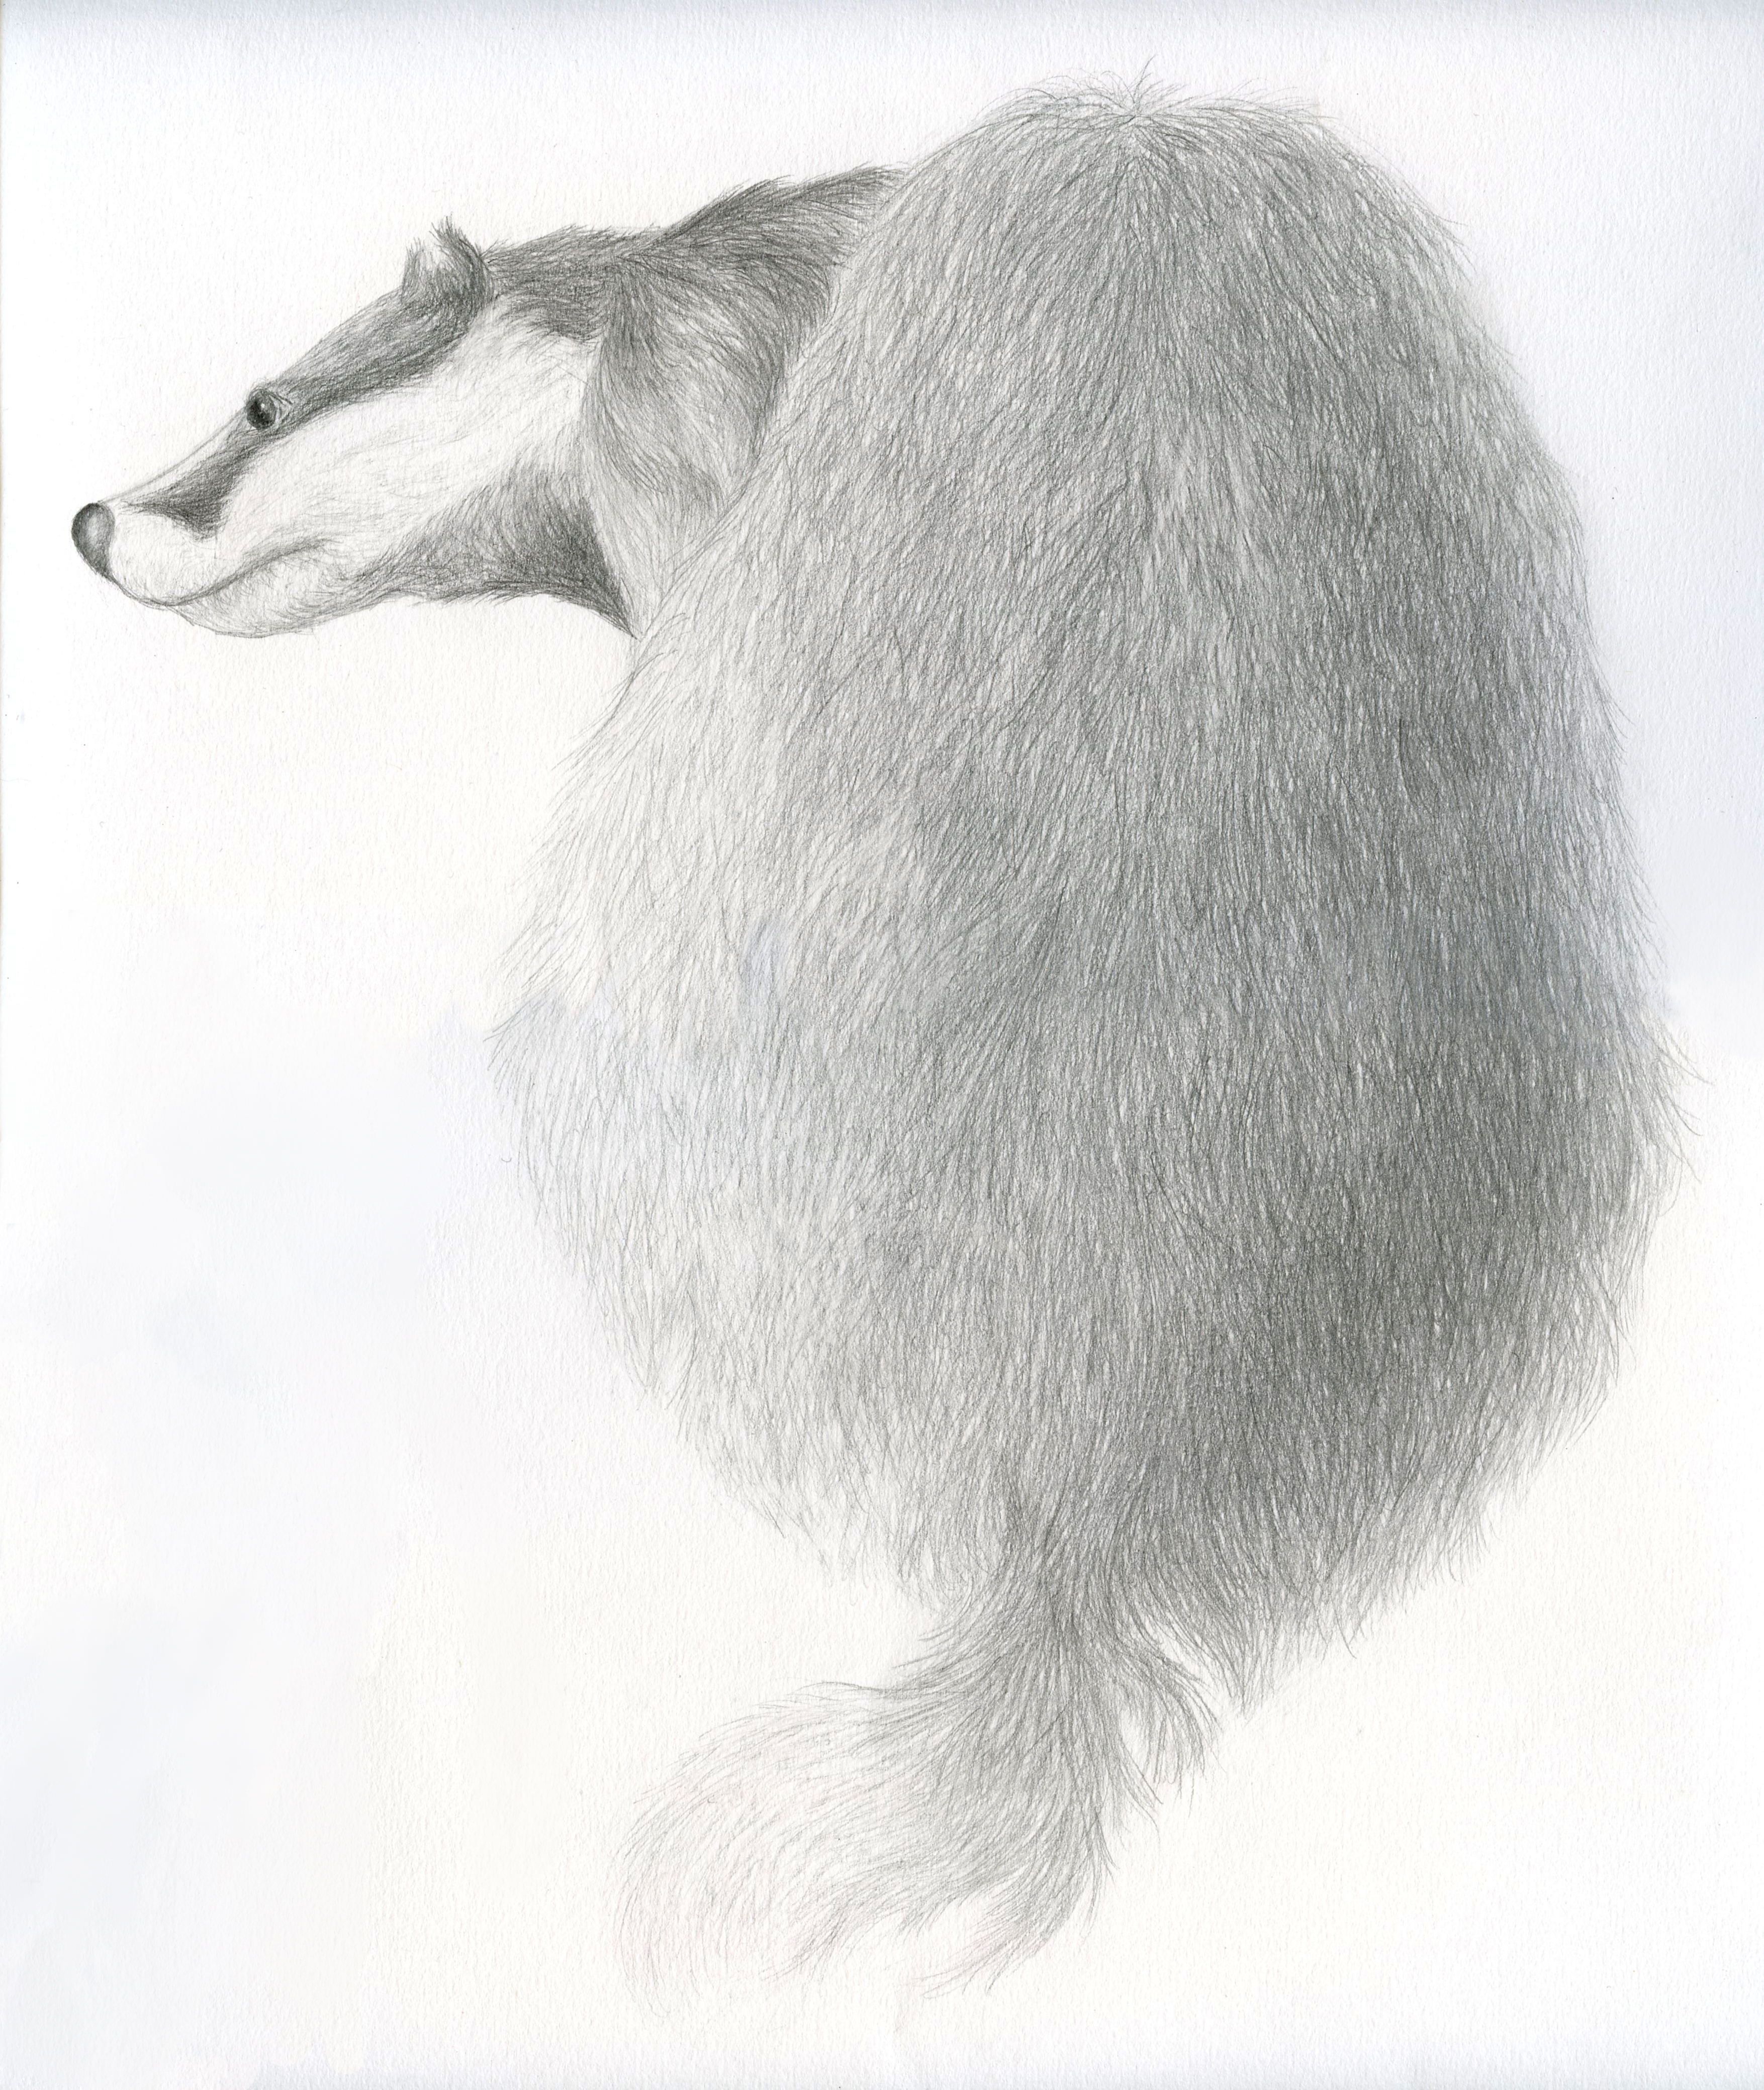 Dessin crayon gris du blaireau